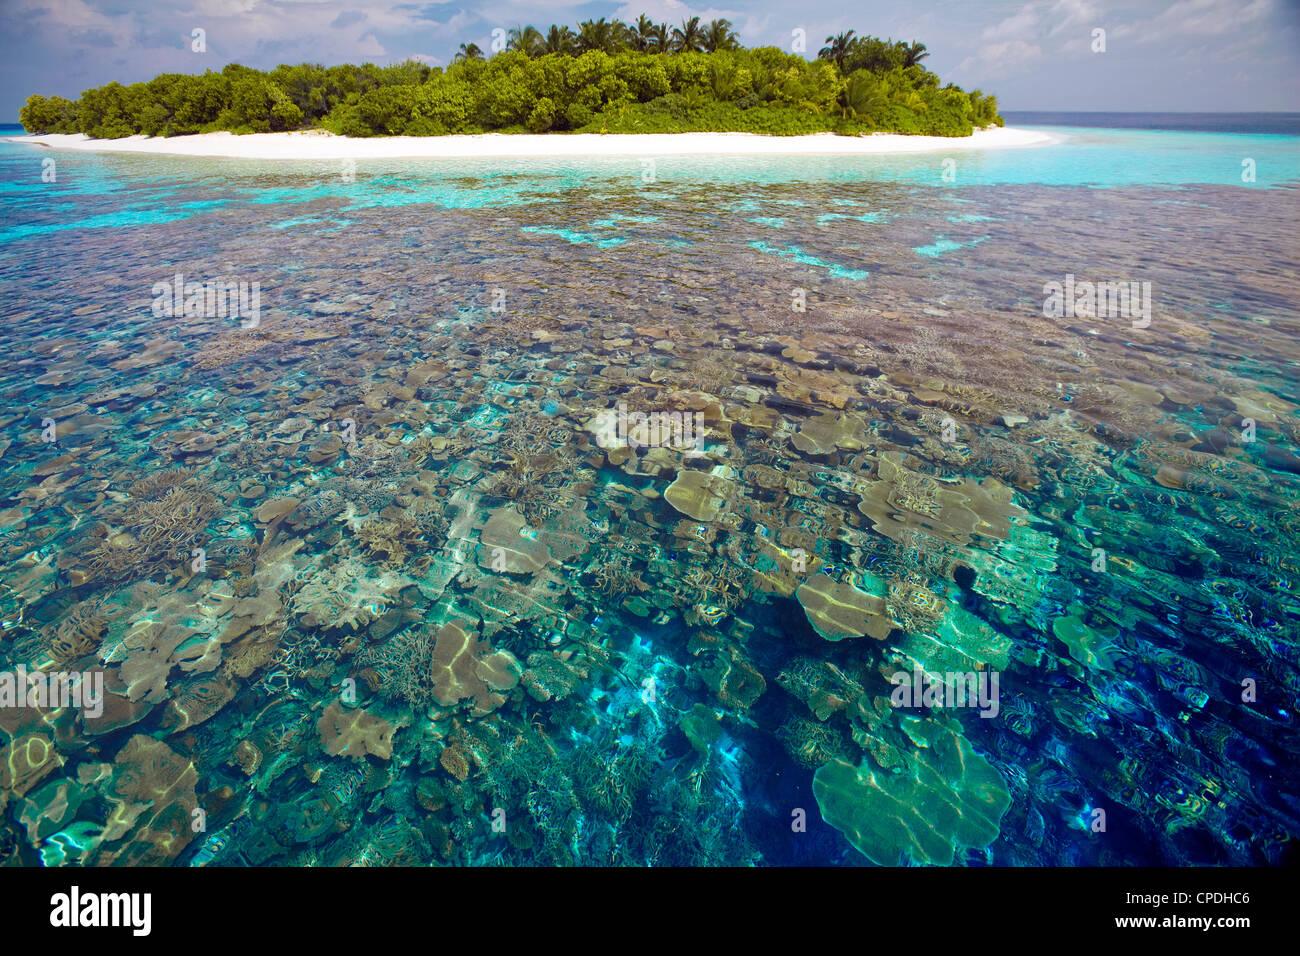 Korallen-Platten, Lagune und tropische Insel, Malediven, Indischer Ozean, Asien Stockfoto